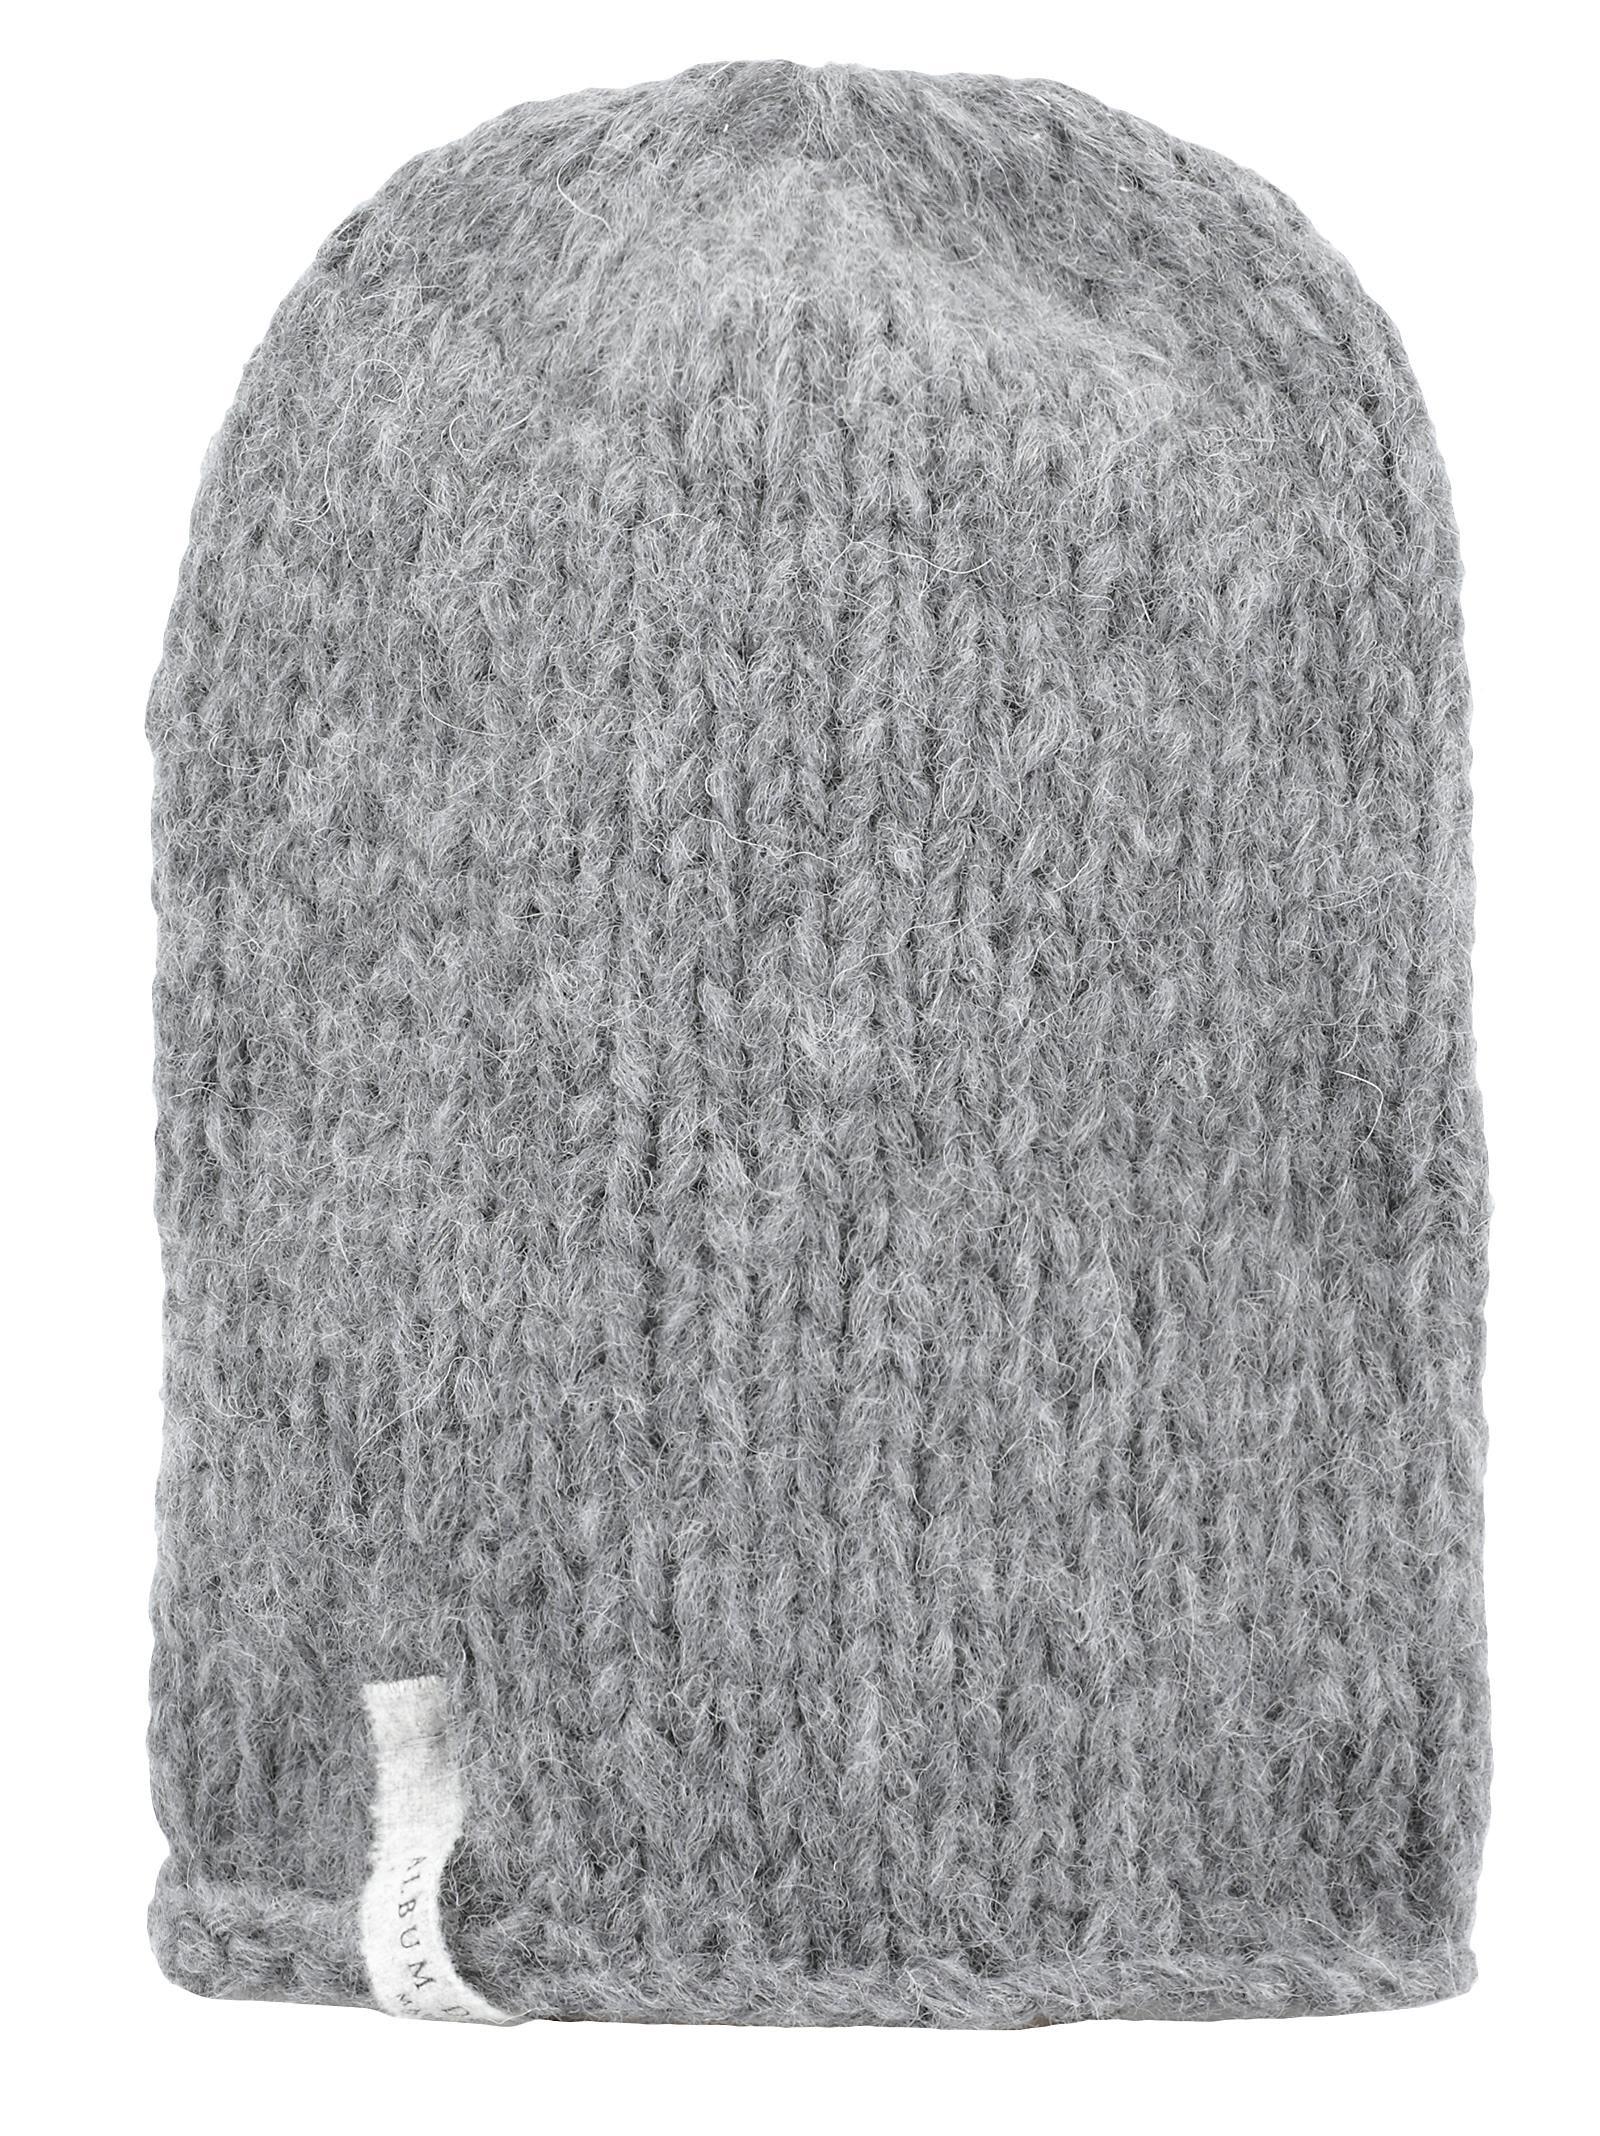 ALBUM DI FAMIGLIA Beanie Hat in Grey